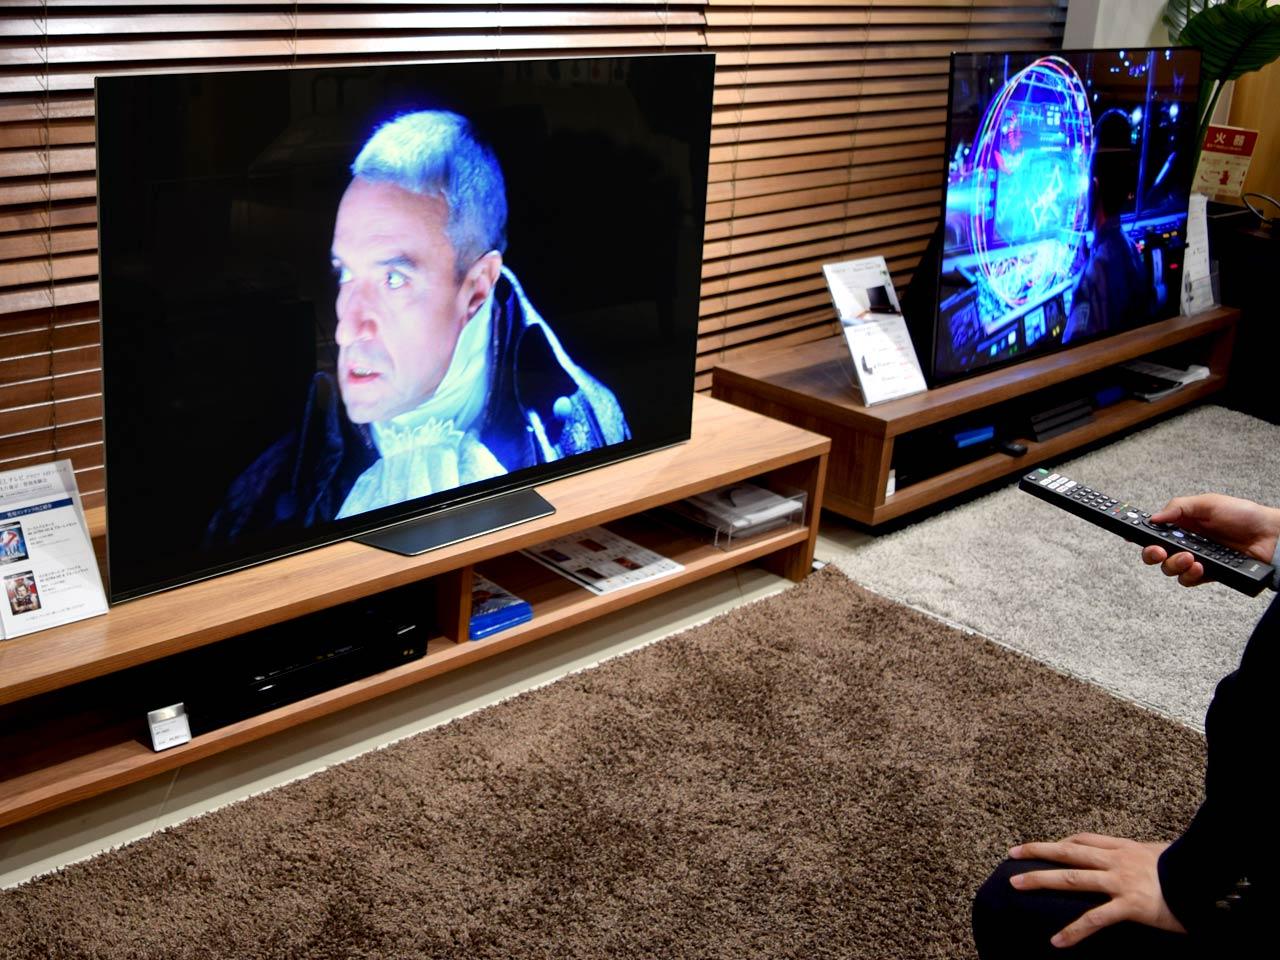 A8Fシリーズでテレビを堪能中